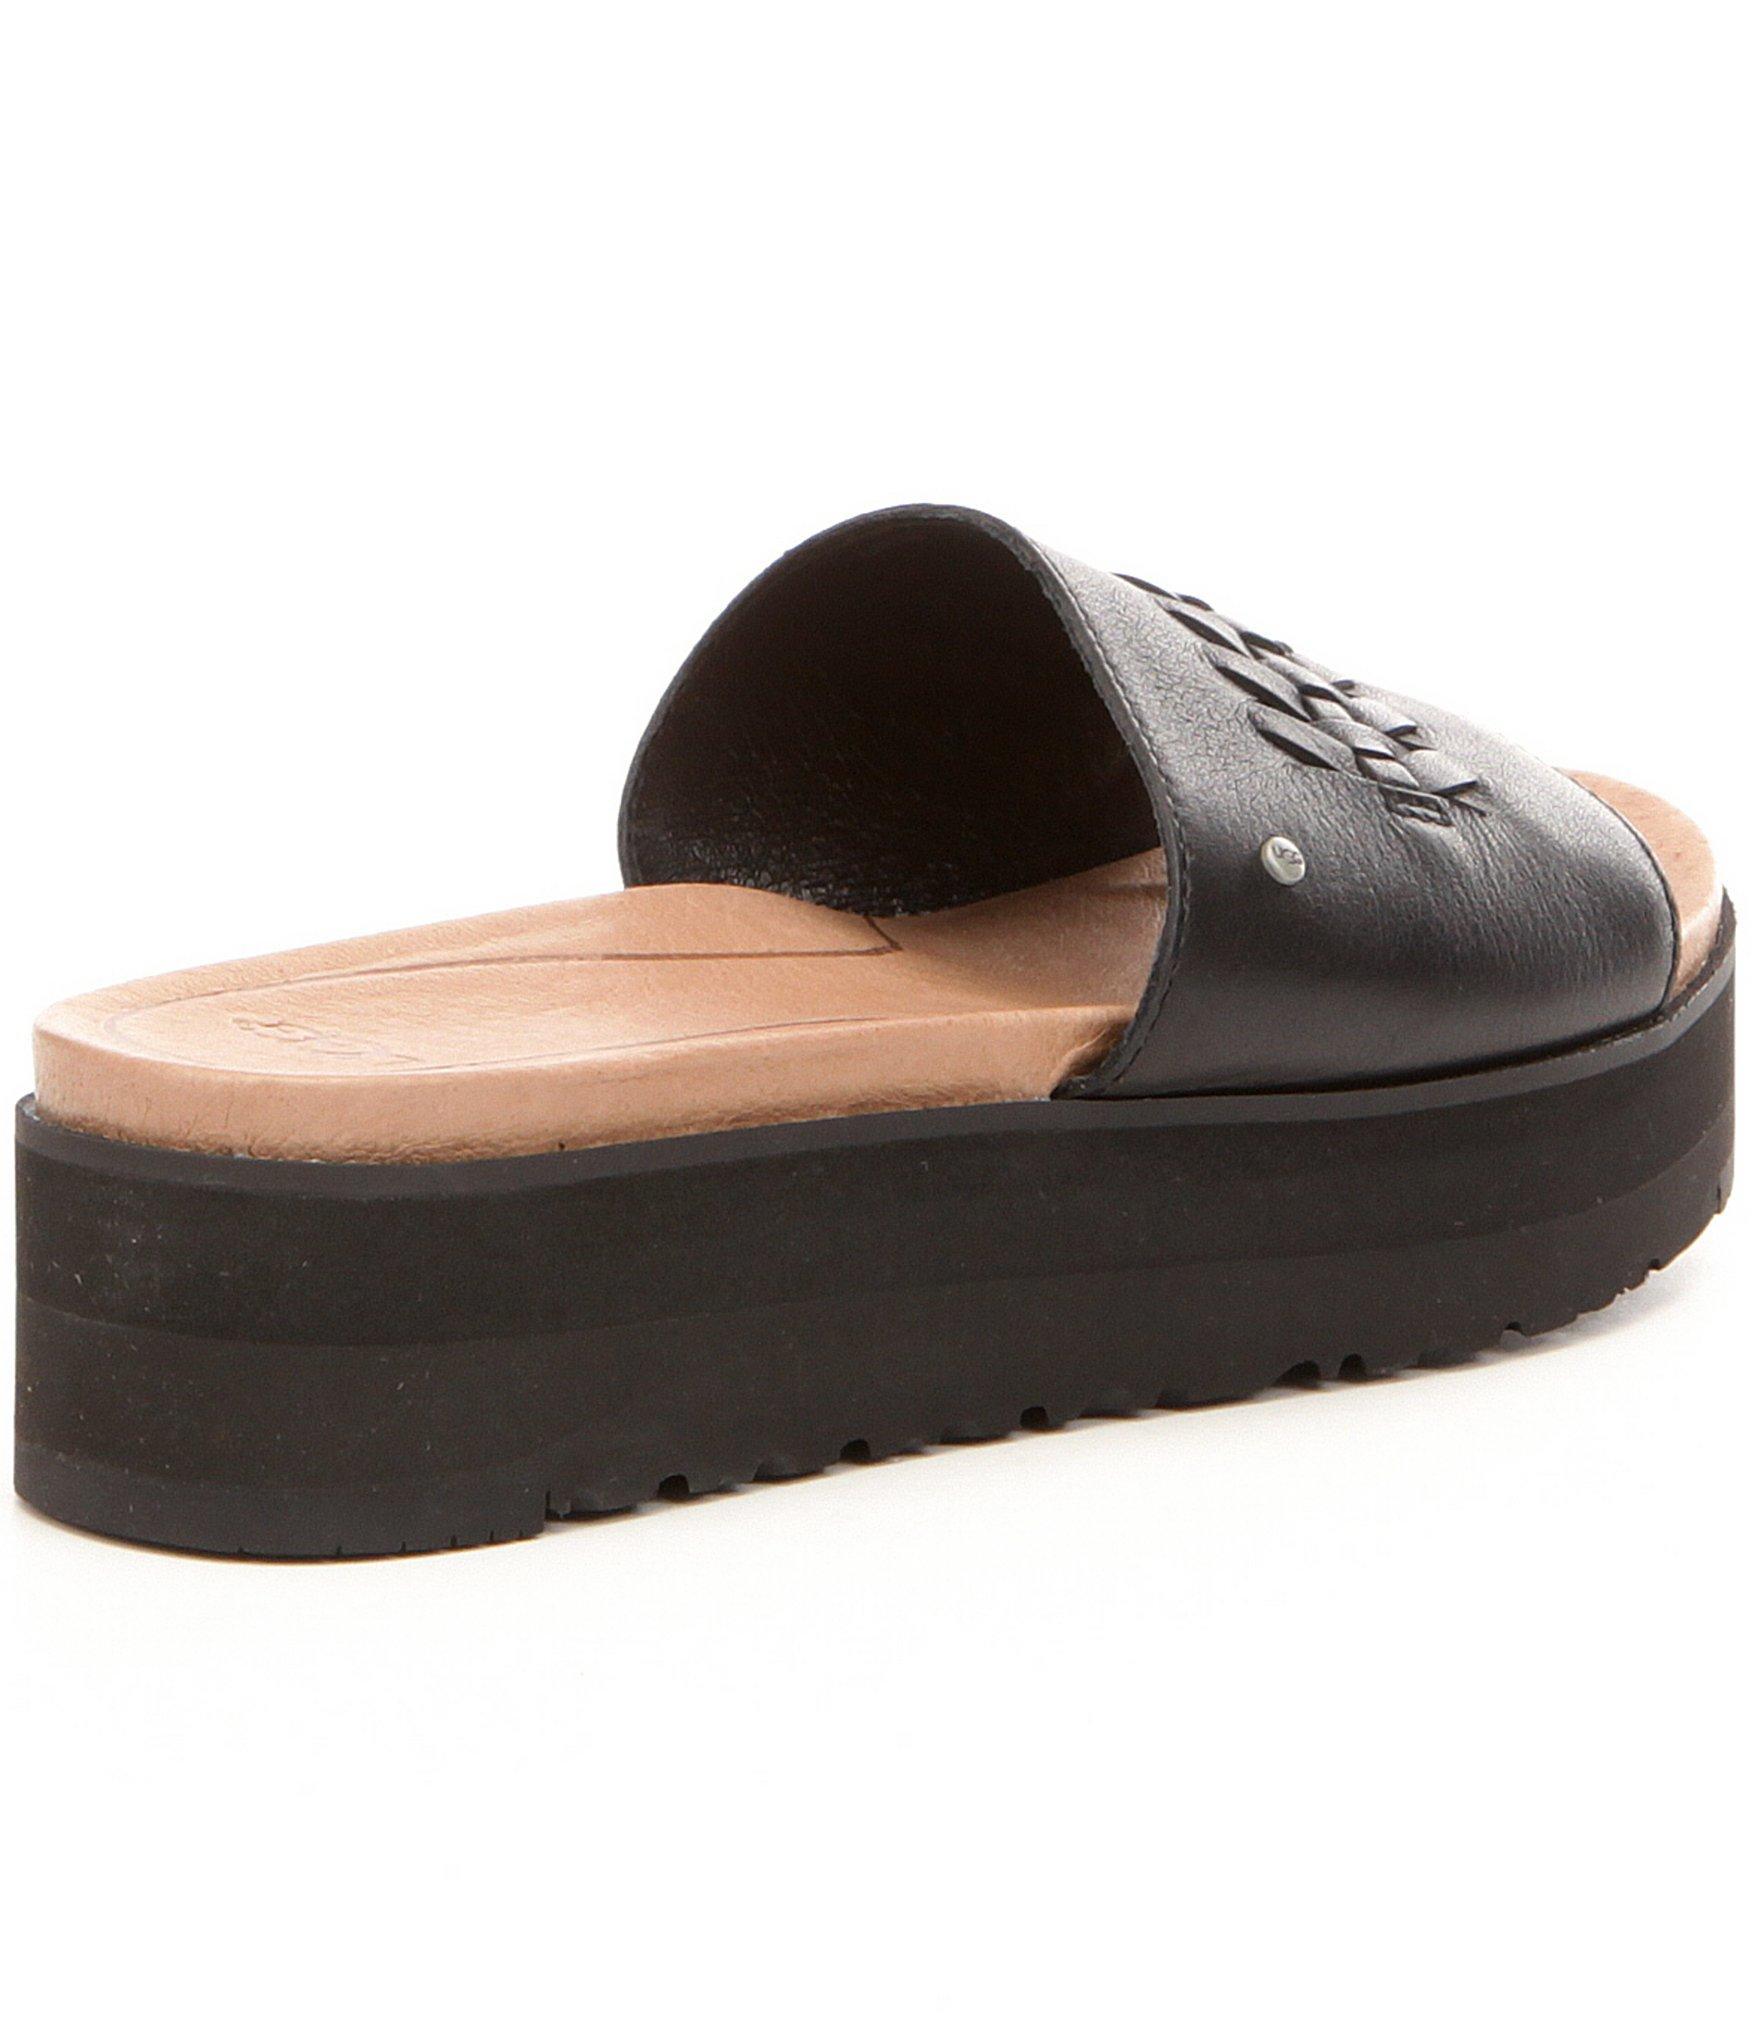 Ugg 174 Delaney Braided Leather Slide Sandals In Black Lyst